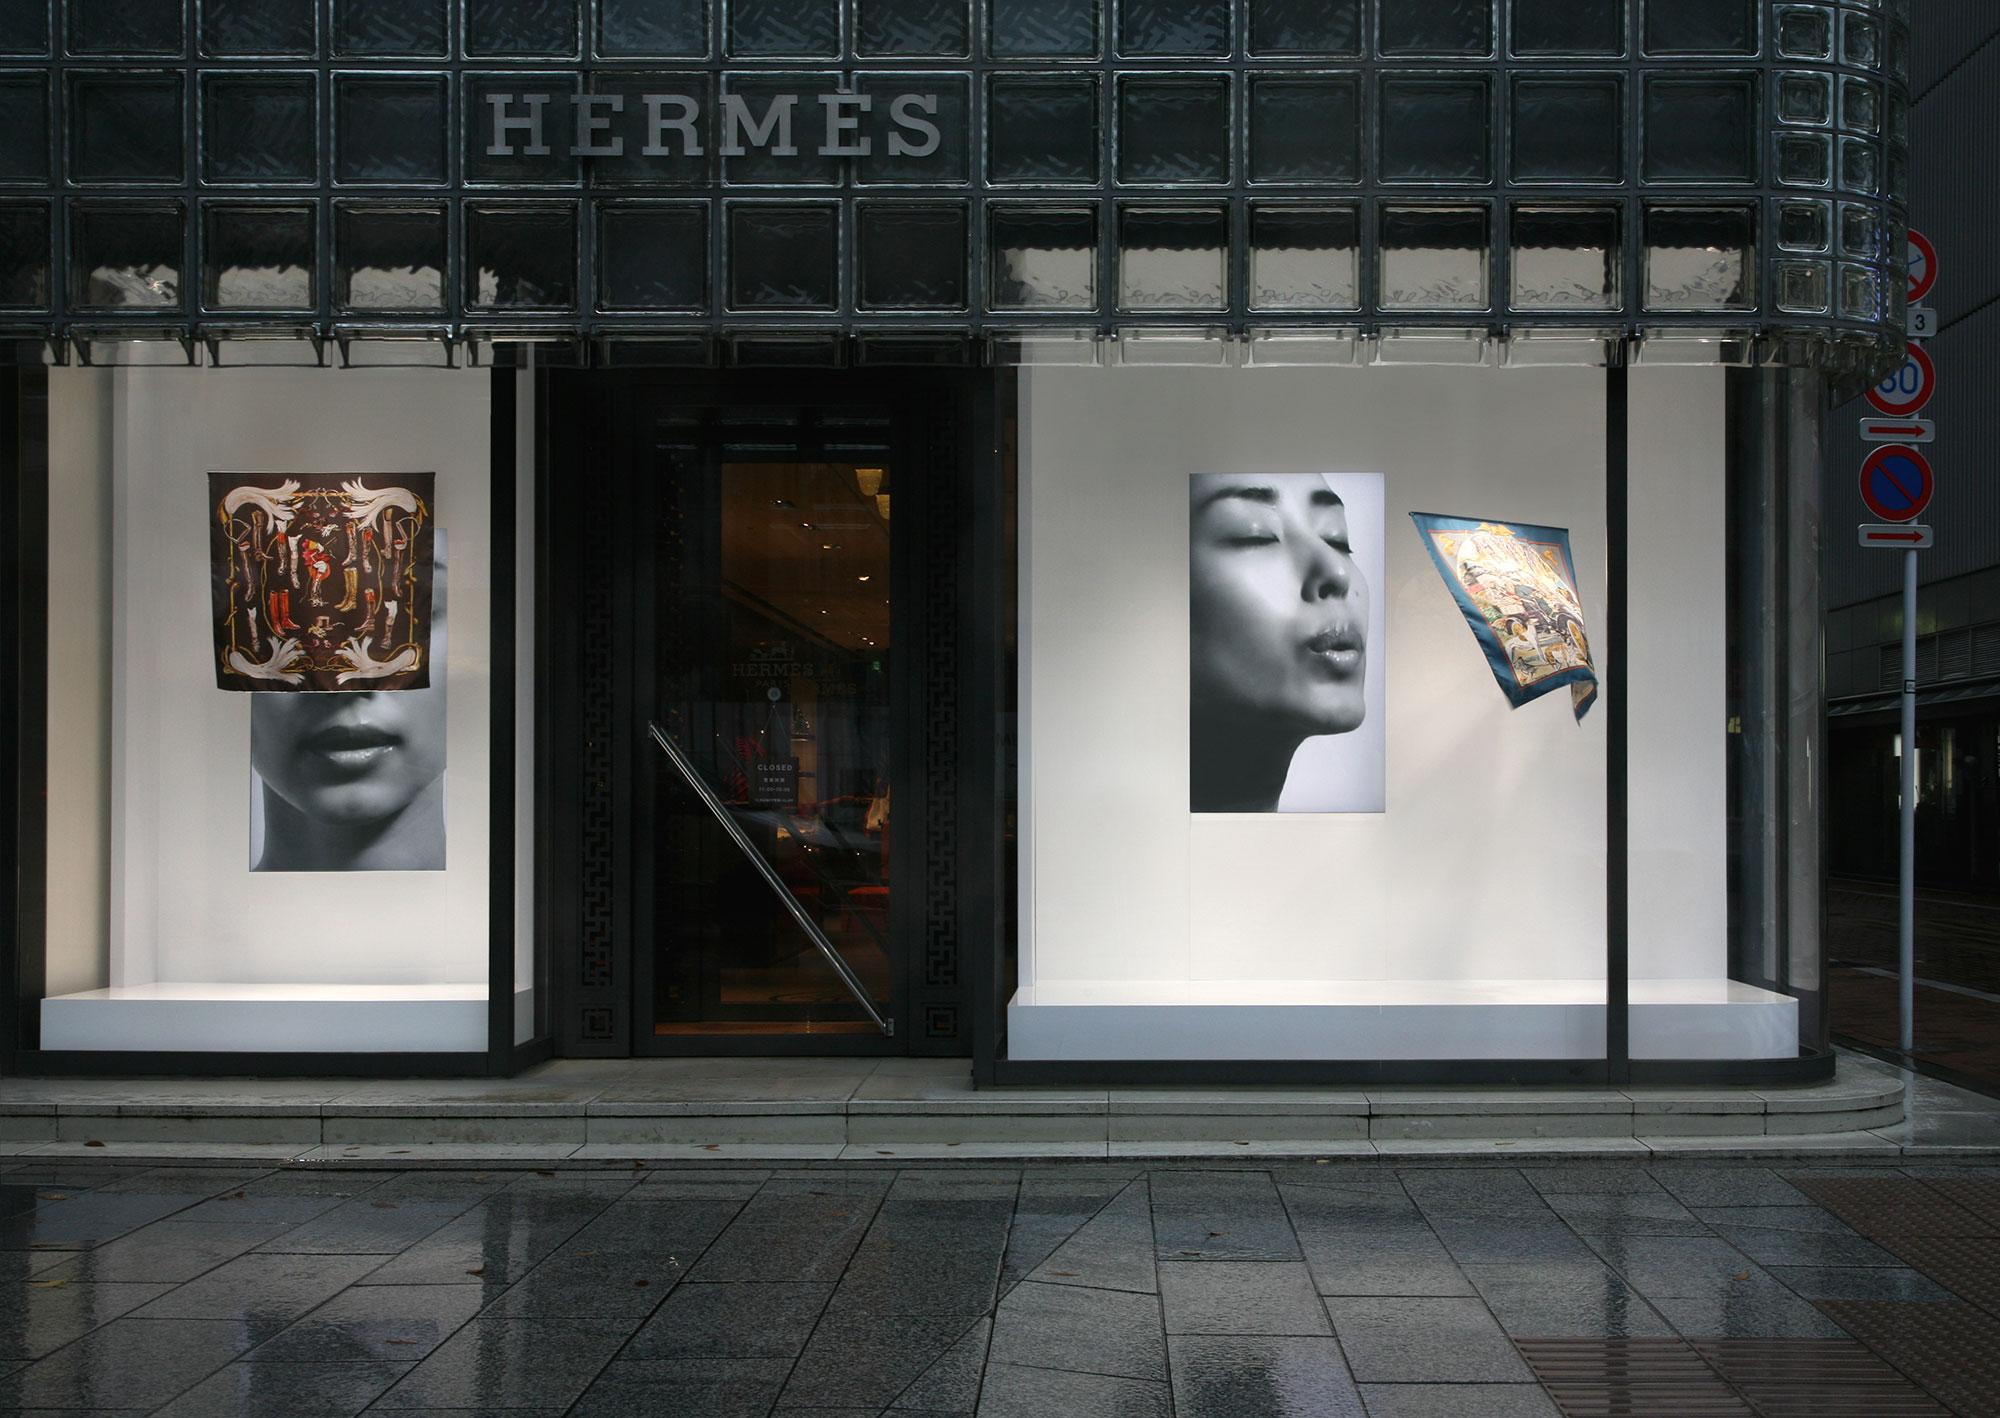 メゾンエルメスのウィンドウディスプレイ「吐息」(2009/11/19-2010/1/19) | Courtesy of Hermès Japon